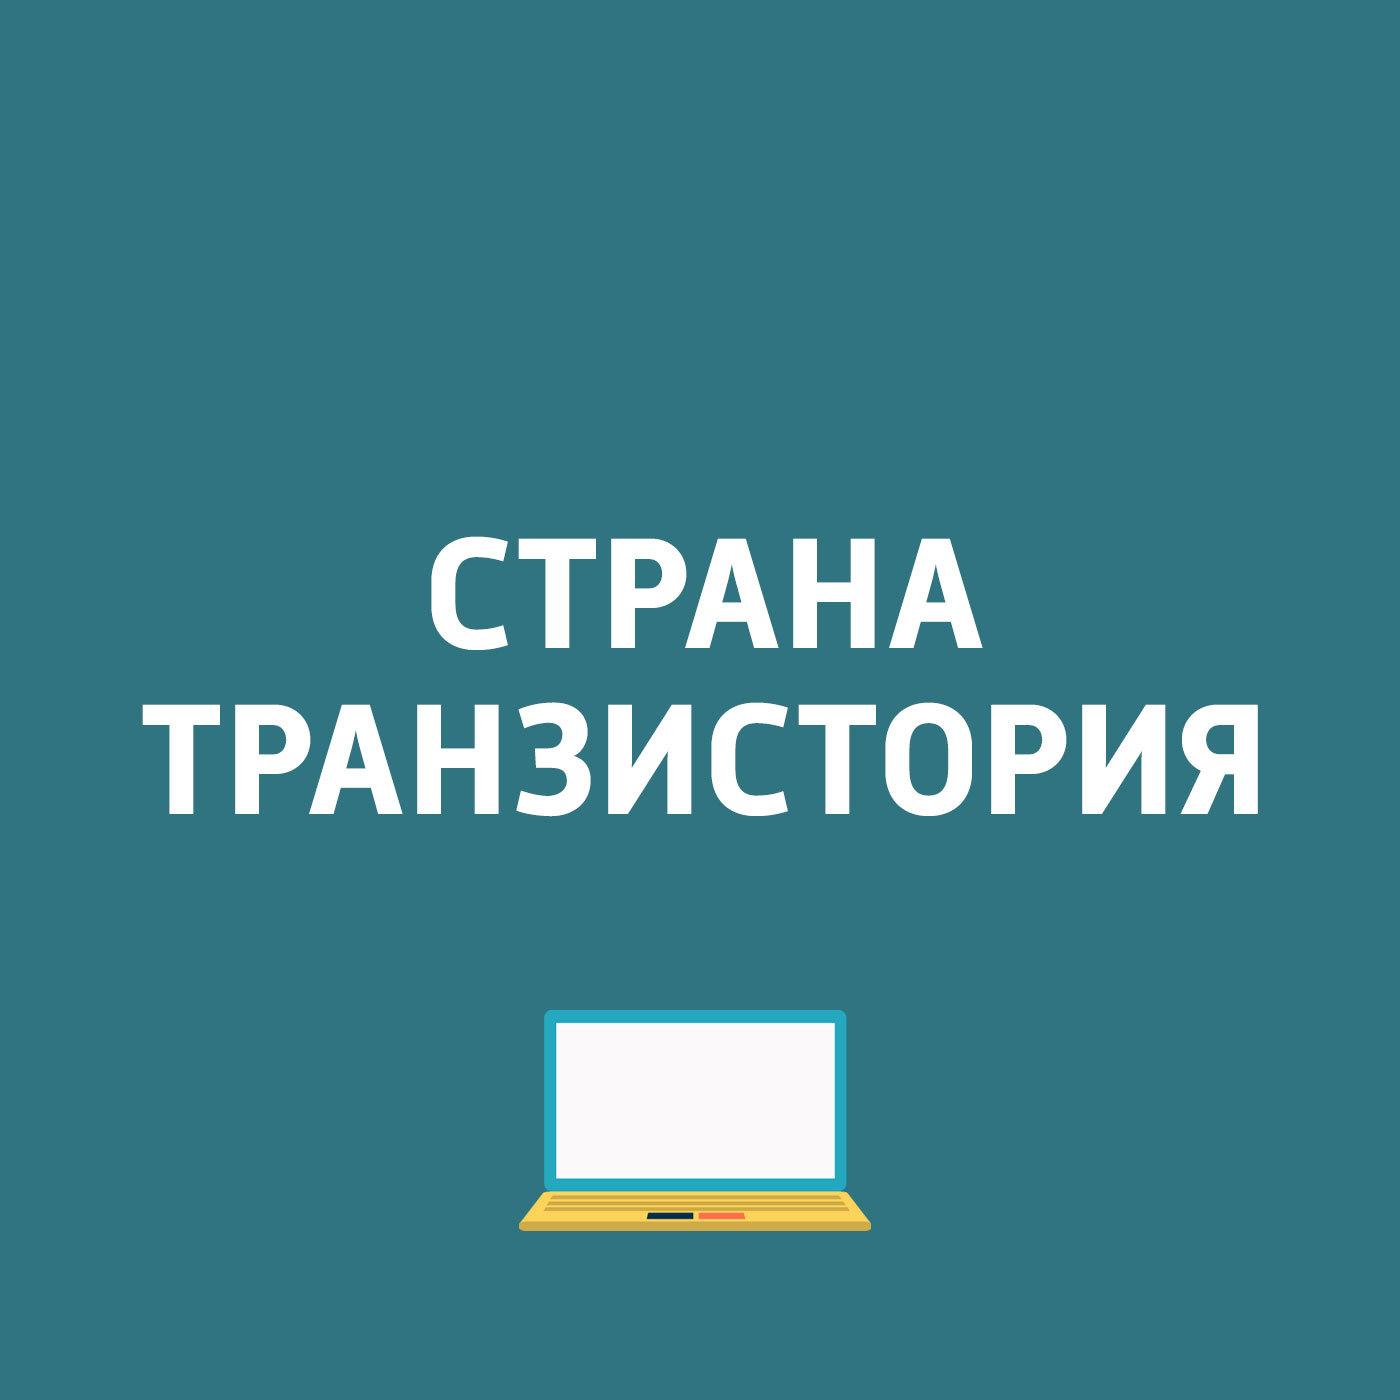 Картаев Павел Девушкам нравятся любители салатов картаев павел истории попкорна часть 2